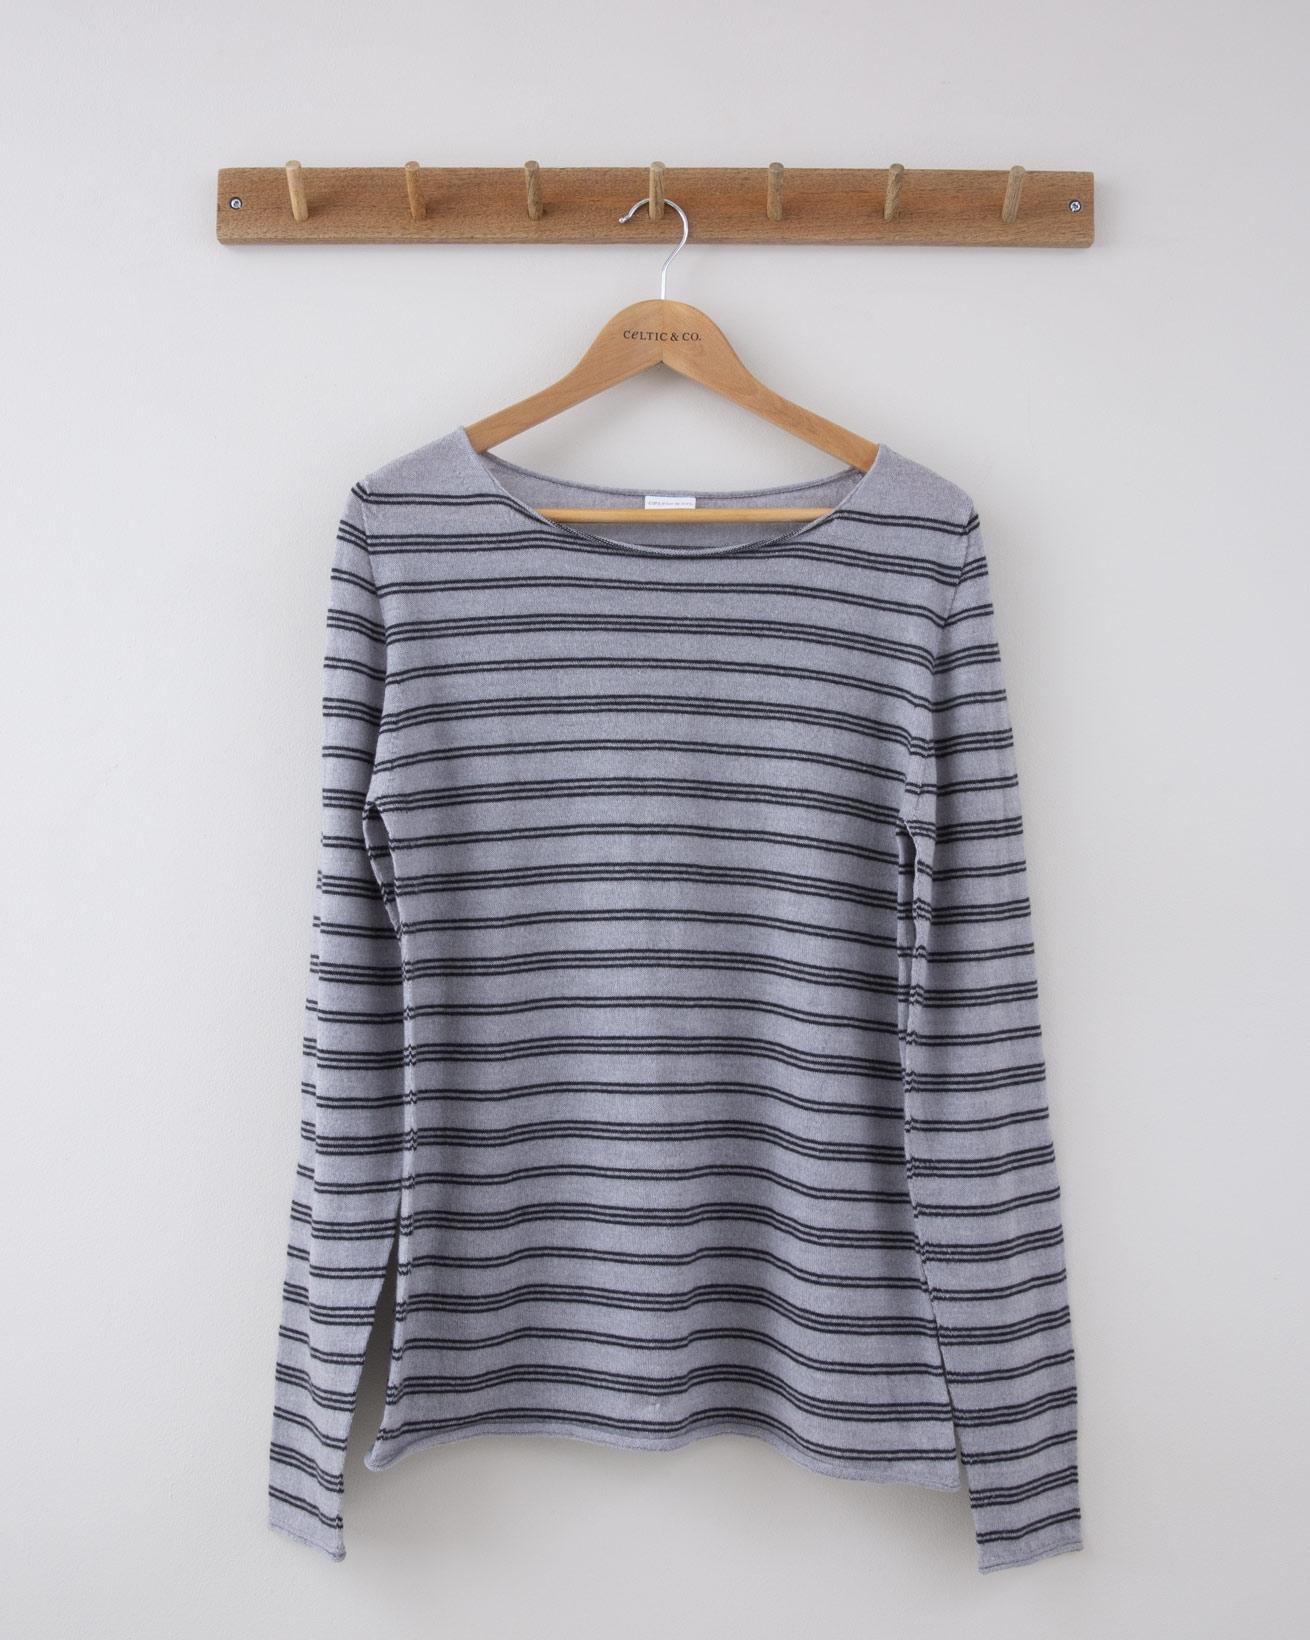 Fine Knit Merino Crew Neck - Small - Silver Grey w/Charcoal Stripe - 1257